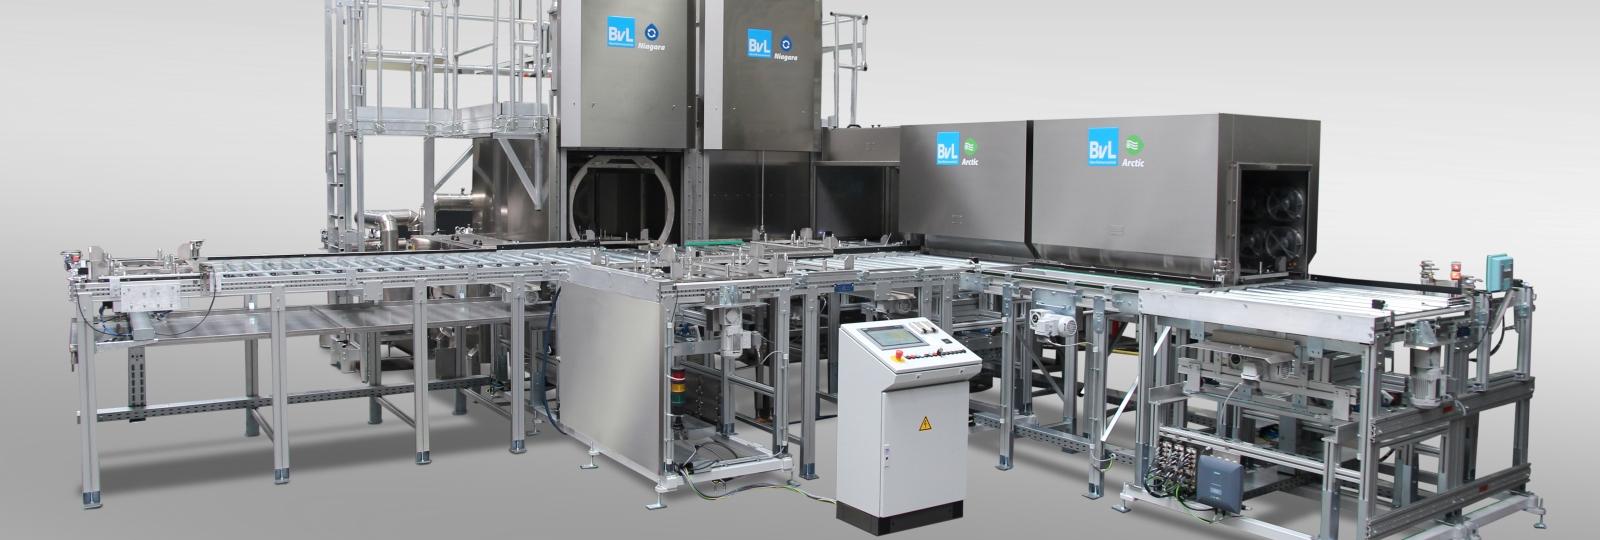 Die BvL Reinigungsanlage NiagaraFS funktioniert über ein rotierendes Rhönradsystem bei stehendem Düsenrahmen. Viele Systemkomponenten sind optional ergänzbar.